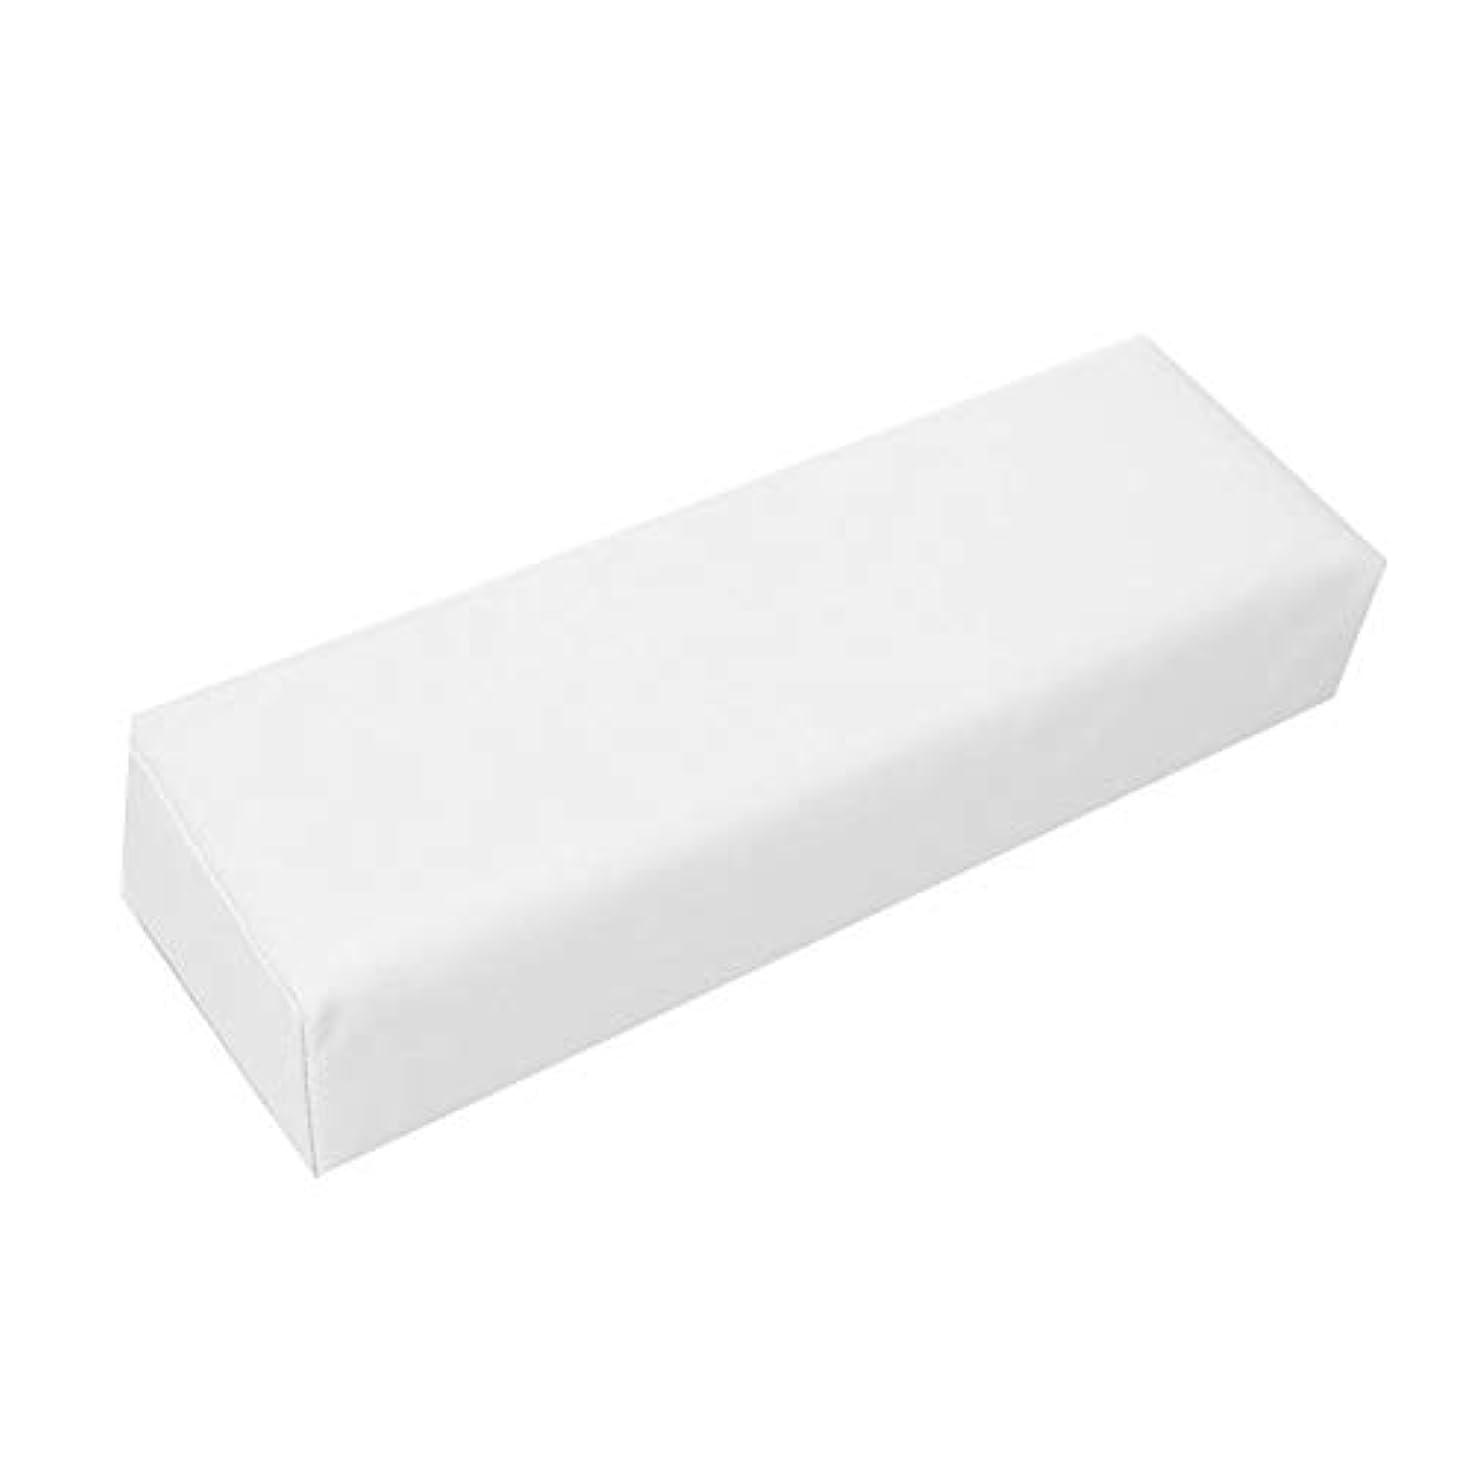 フロンティア叙情的なマインドdootiネイル用アームレスト 人工レザー 清潔容易 手をサポート 練習用にも 高弾性な充填物 美容院 美容室 ネイルサロン 理容室に適用(ホワイト)